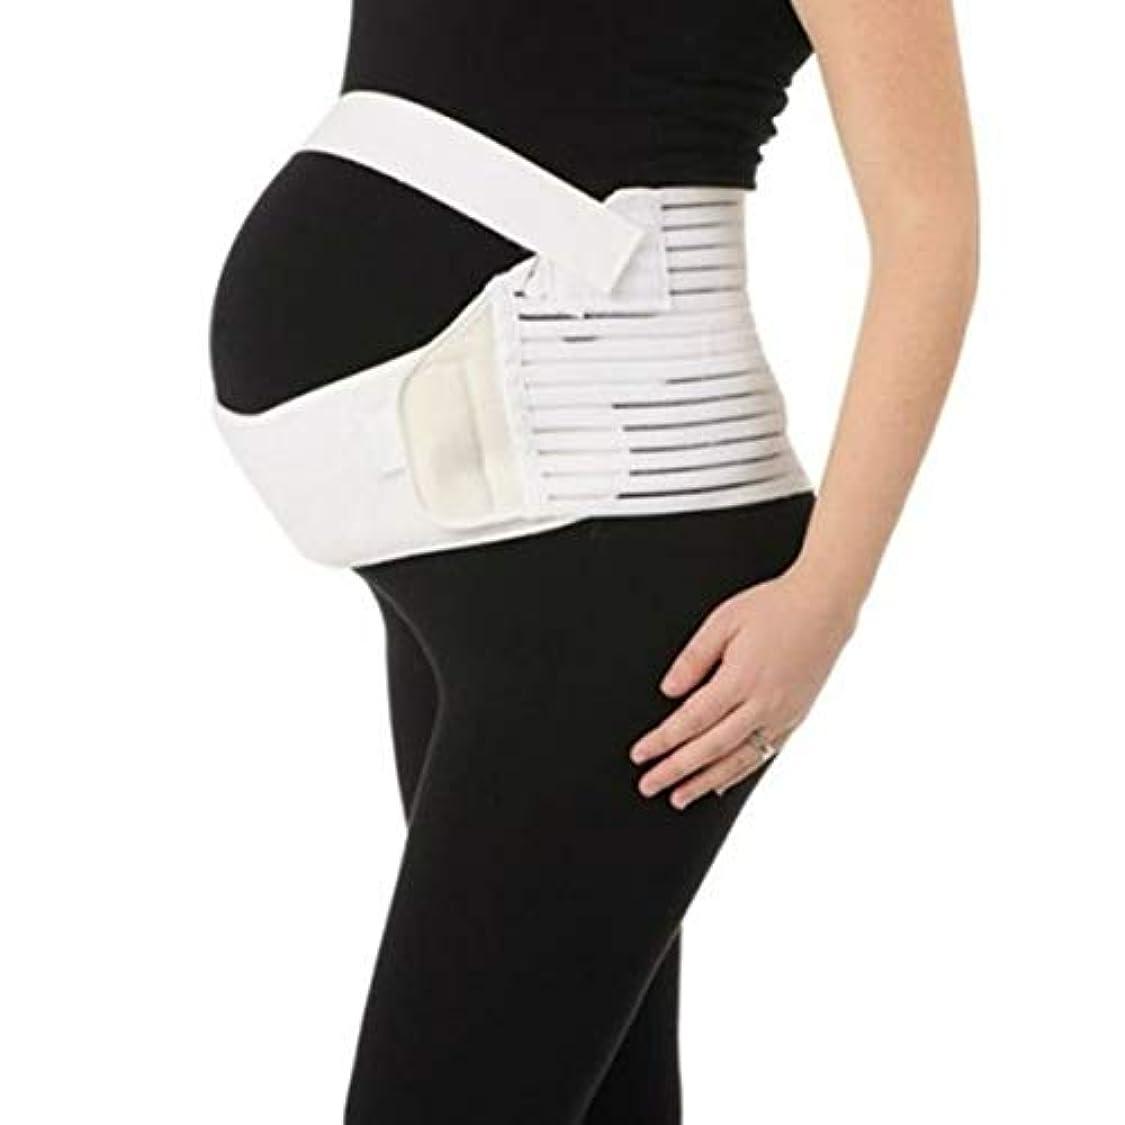 病んでいるみなす葡萄通気性マタニティベルト妊娠腹部サポート腹部バインダーガードル運動包帯産後の回復shapewear - ホワイトL